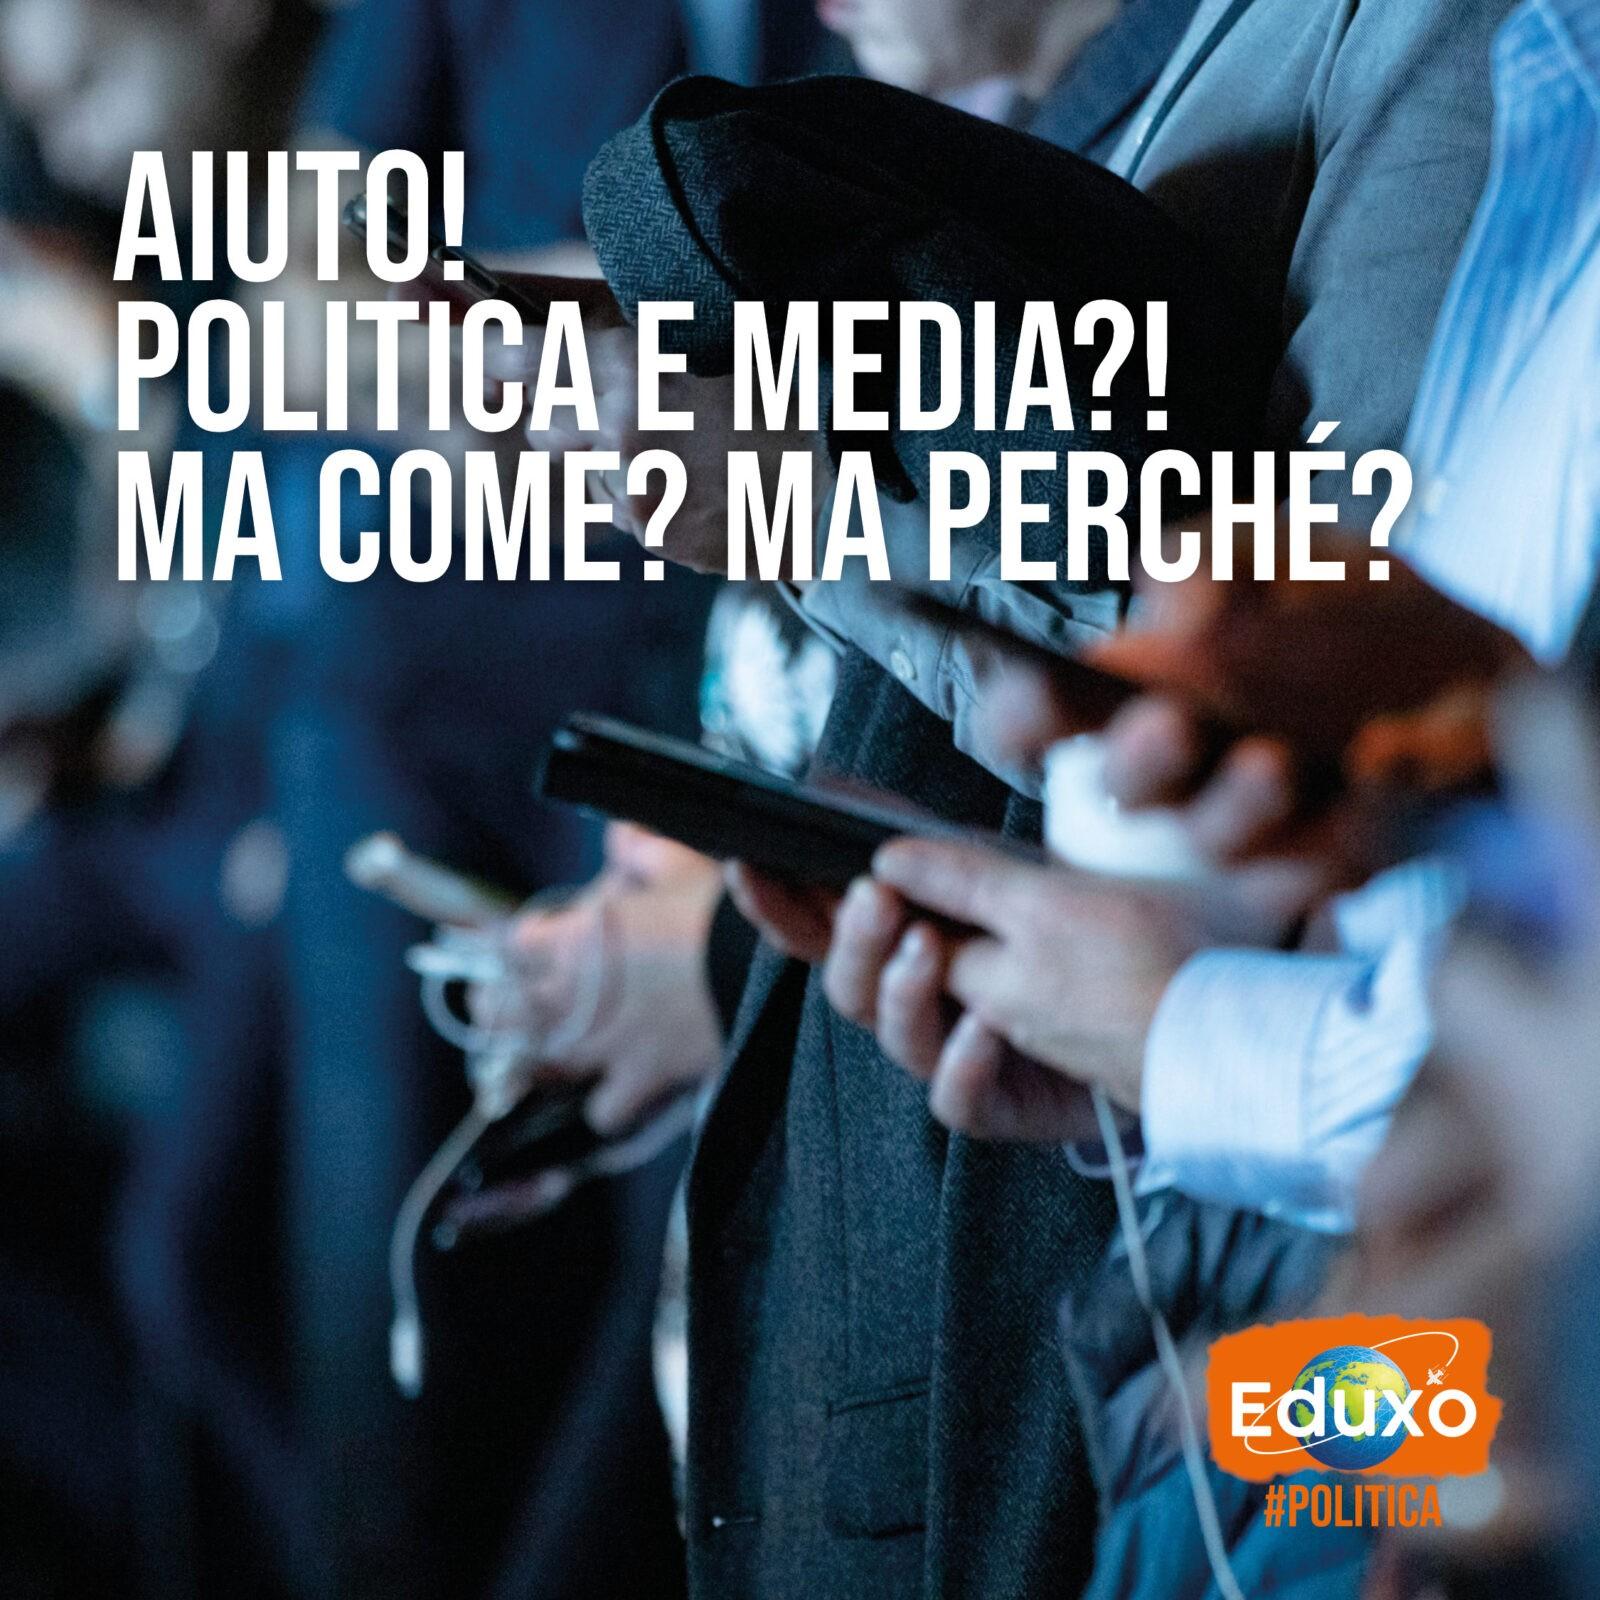 Politica e Media: ma come, ma perchè?